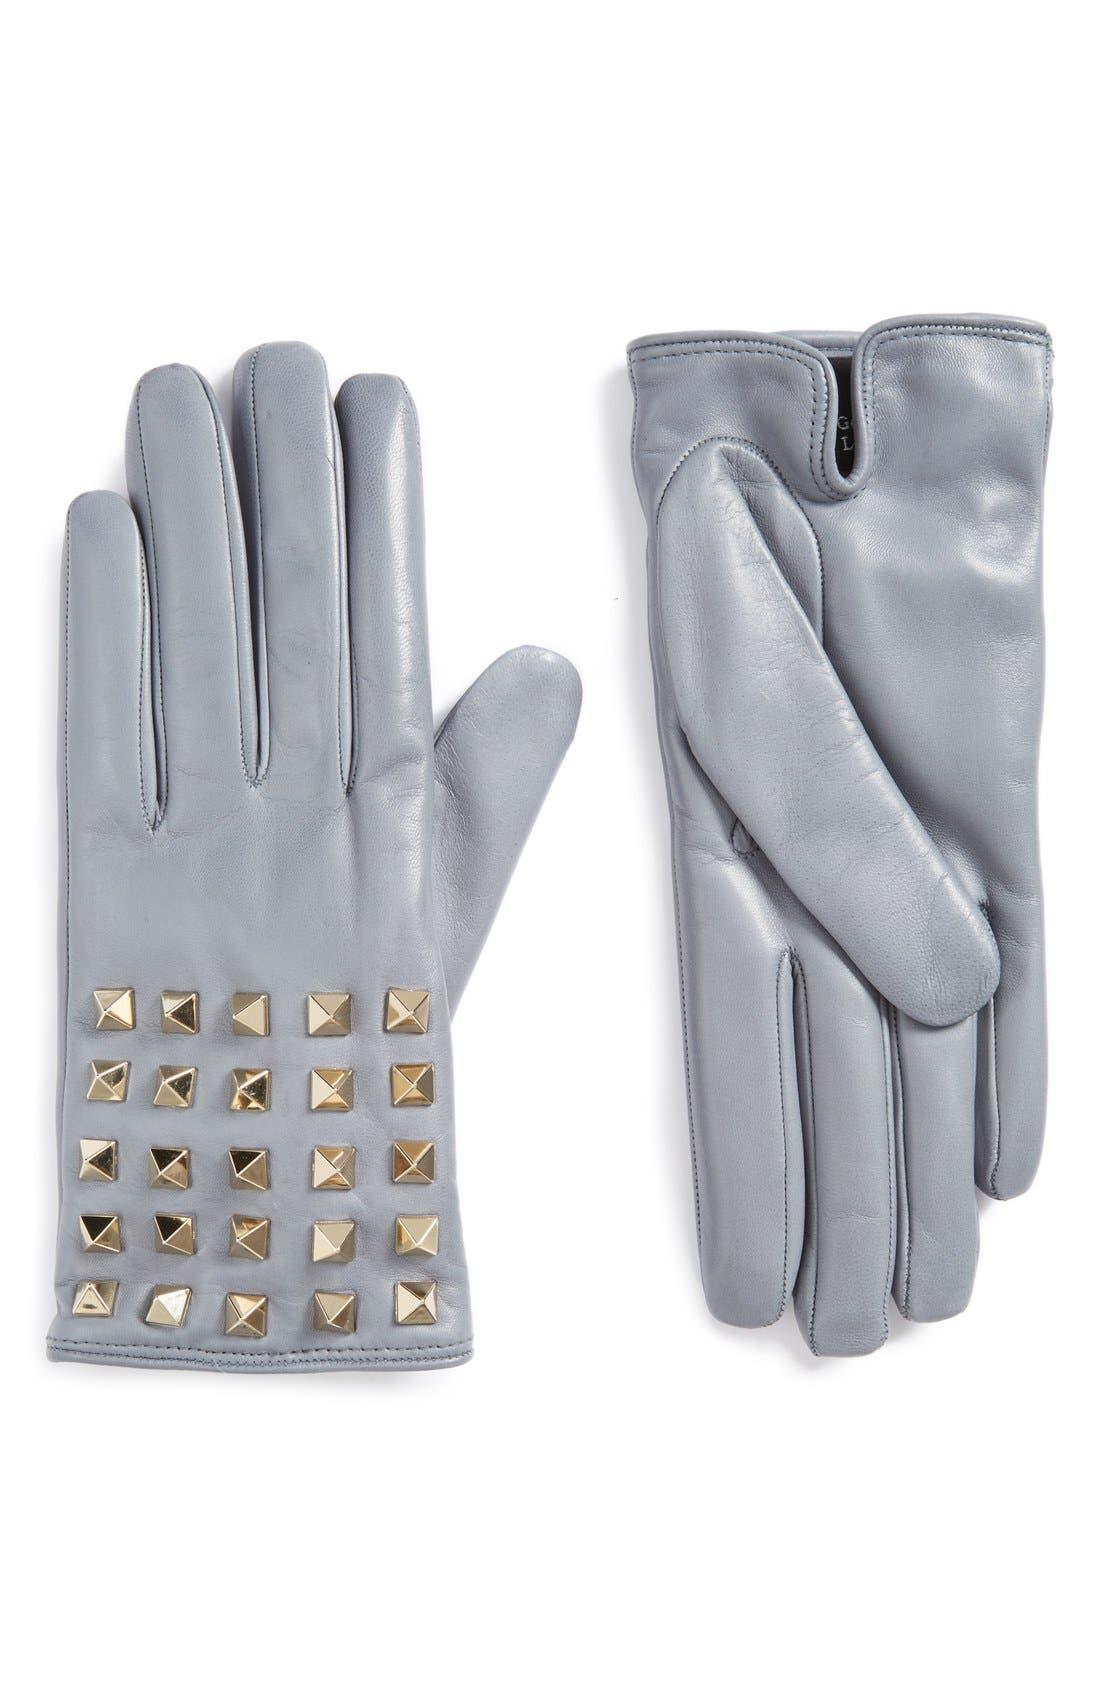 Alternate Image 1 Selected - VALENTINO GARAVANI Rockstud Leather Gloves